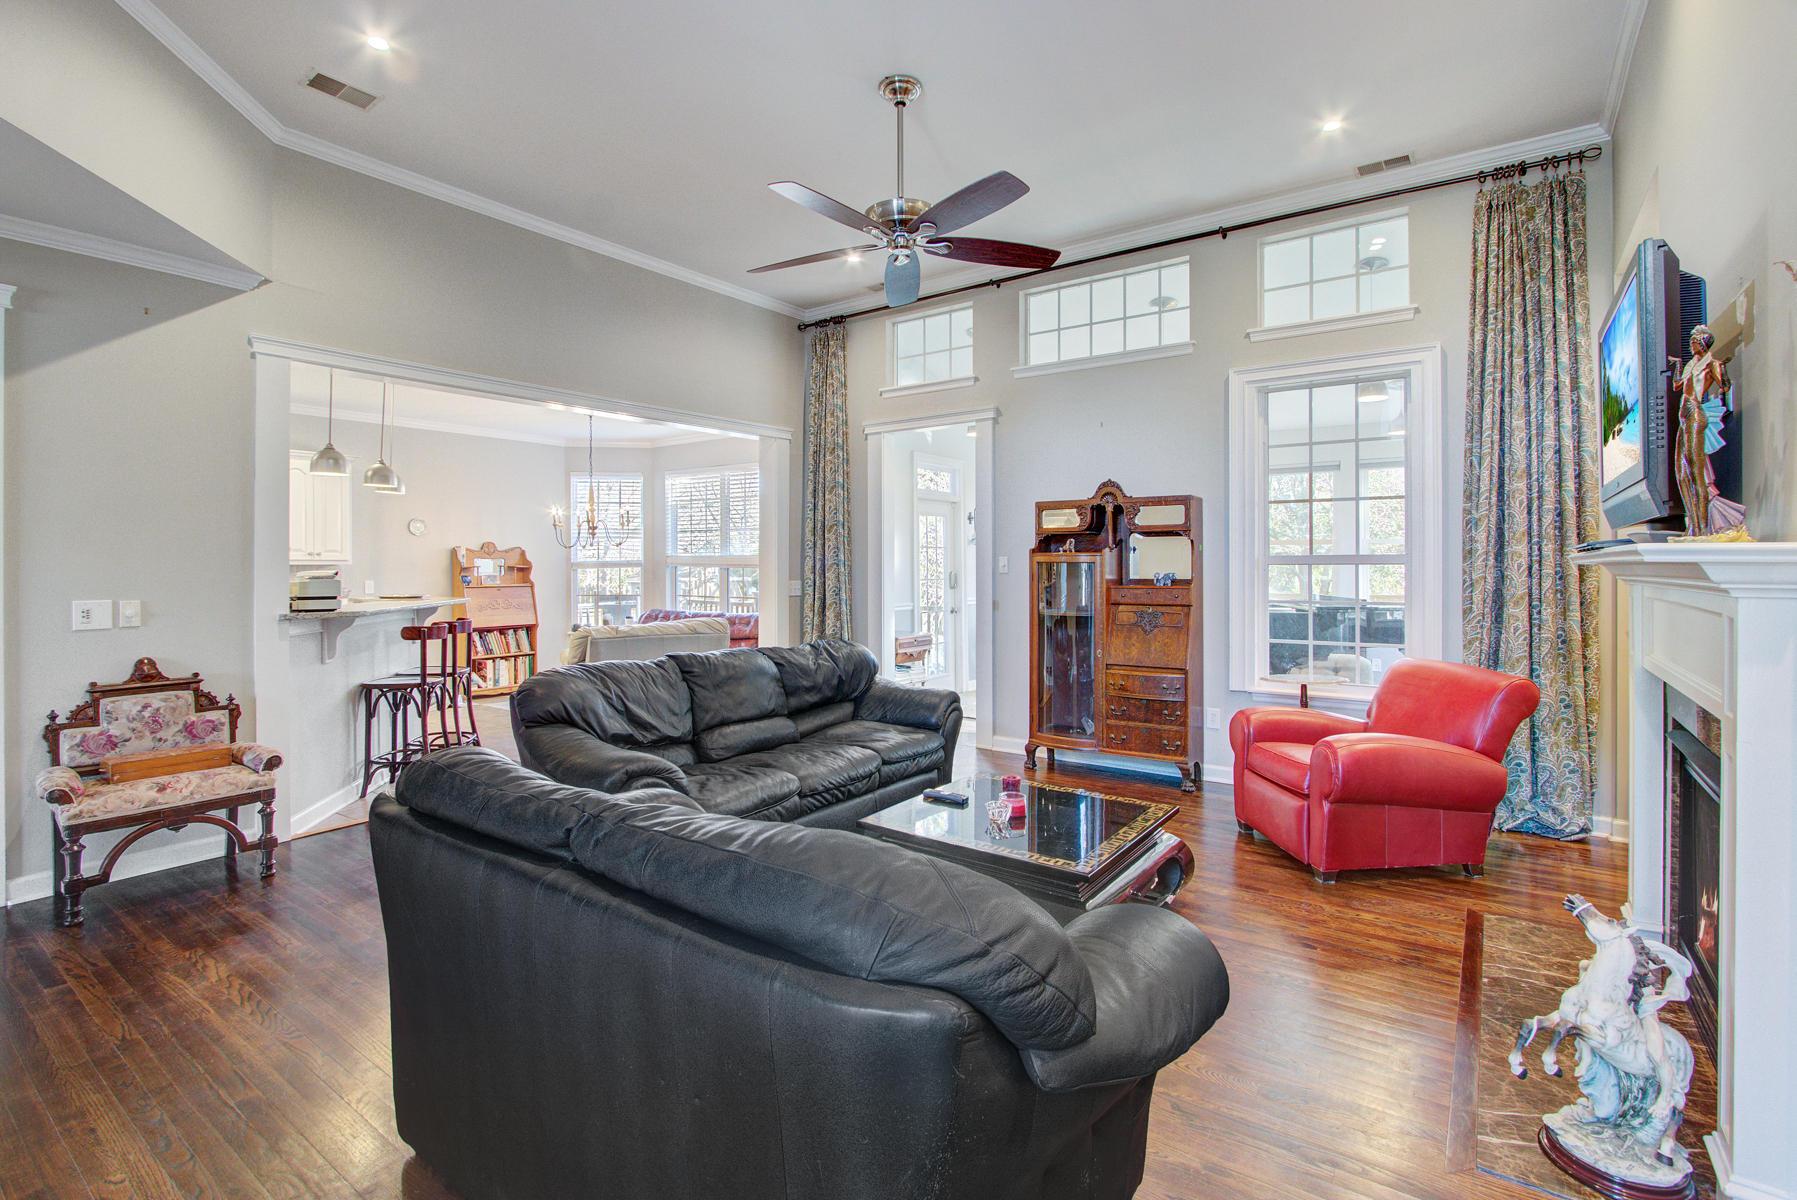 Dunes West Homes For Sale - 2104 Short Grass, Mount Pleasant, SC - 4